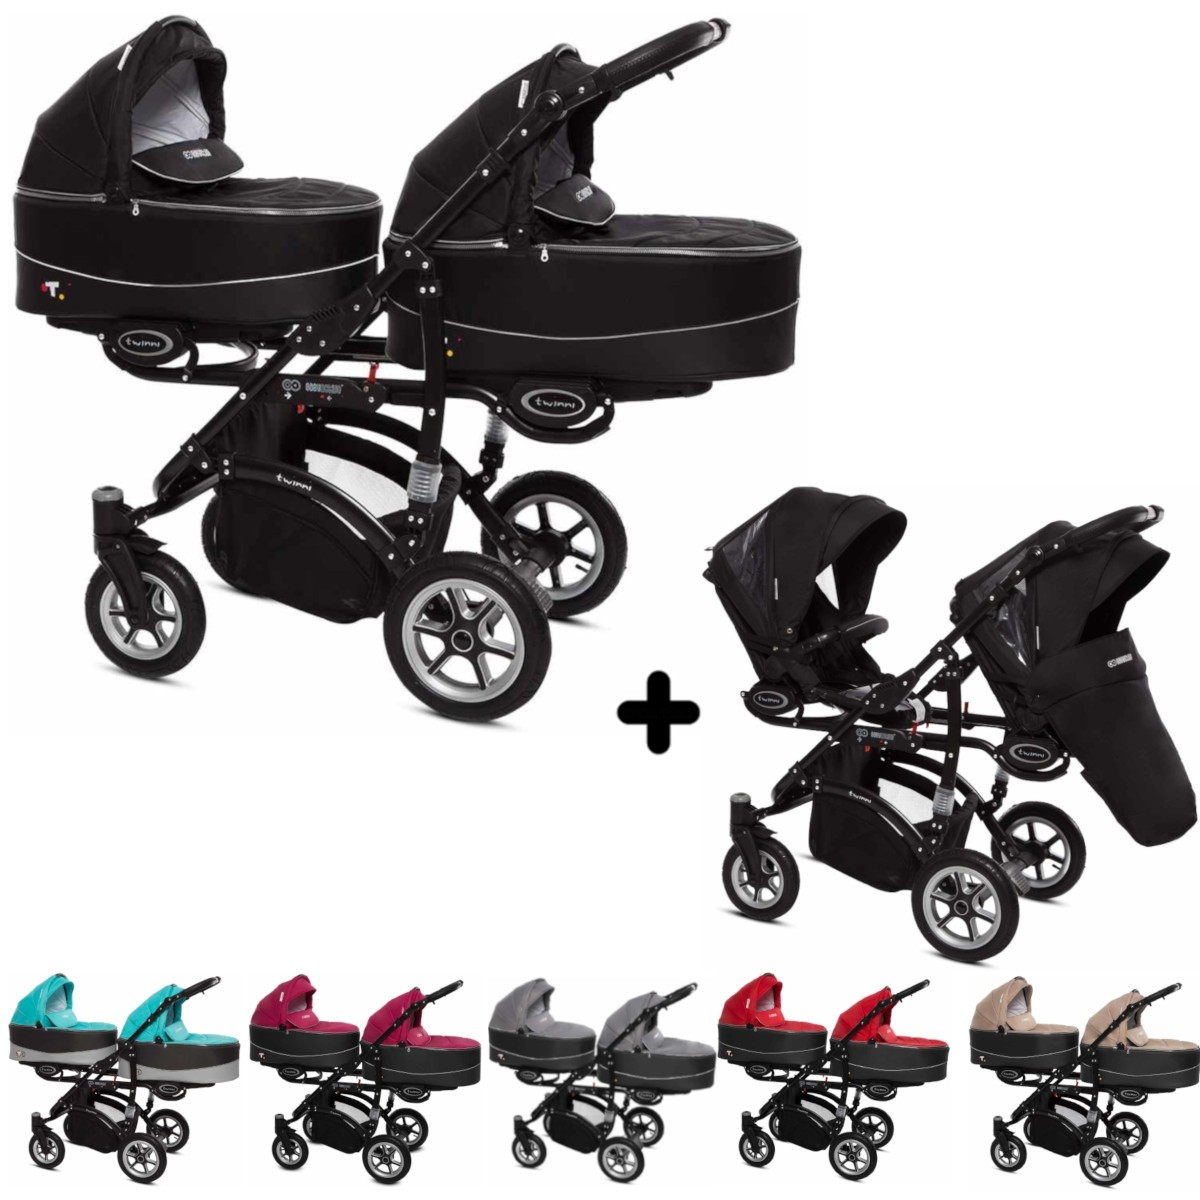 Twinni Zwillings Geschwister Kombi-Kinderwagen 2in1 mit 2 Babywannen + 2 Sportwagenaufsätzen / Buggies, Gestell schwarz, Kollektion 2018, 6 Farben